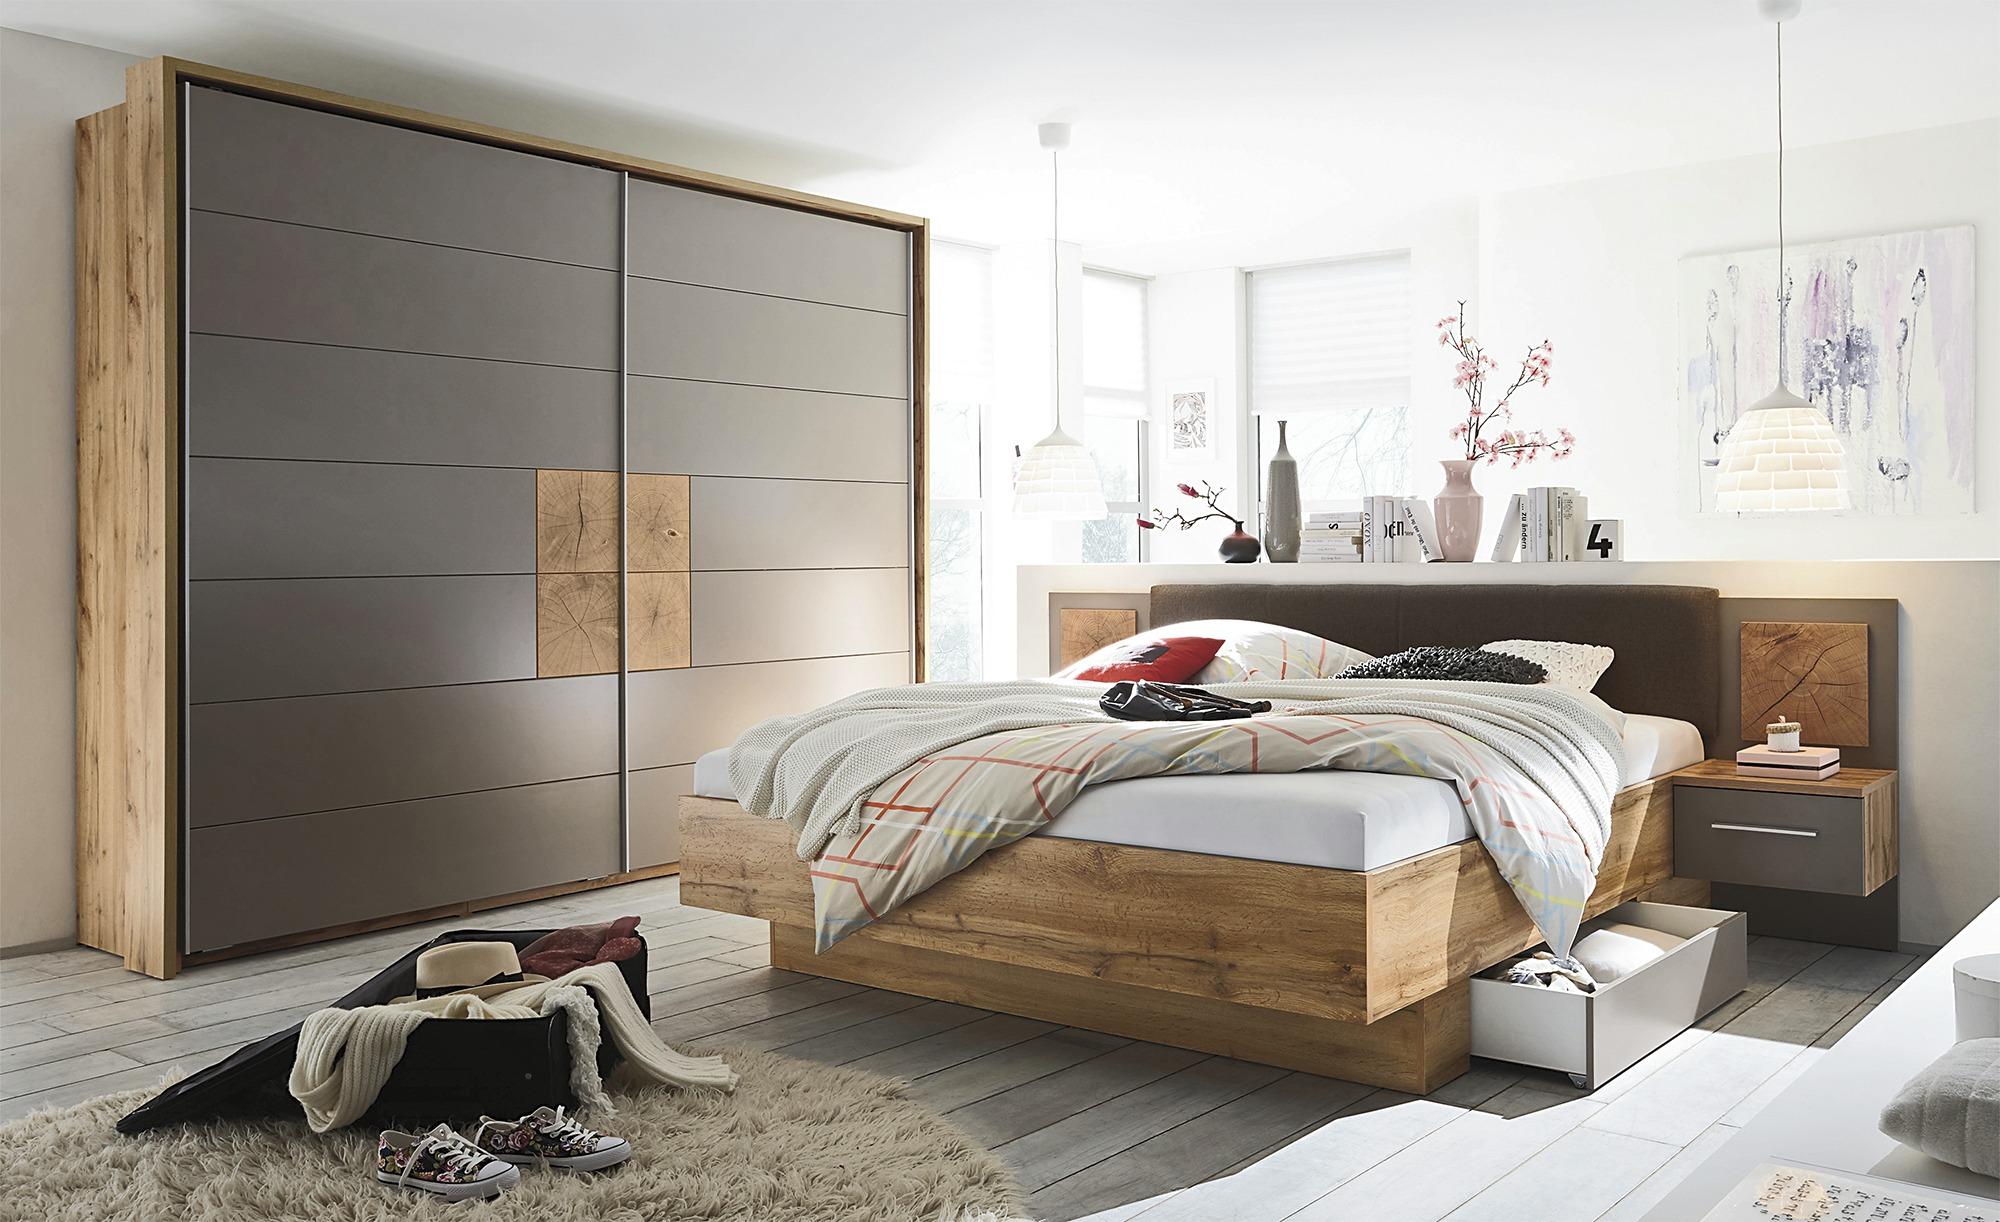 uno Schlafzimmer Campus, gefunden bei Möbel Kraft